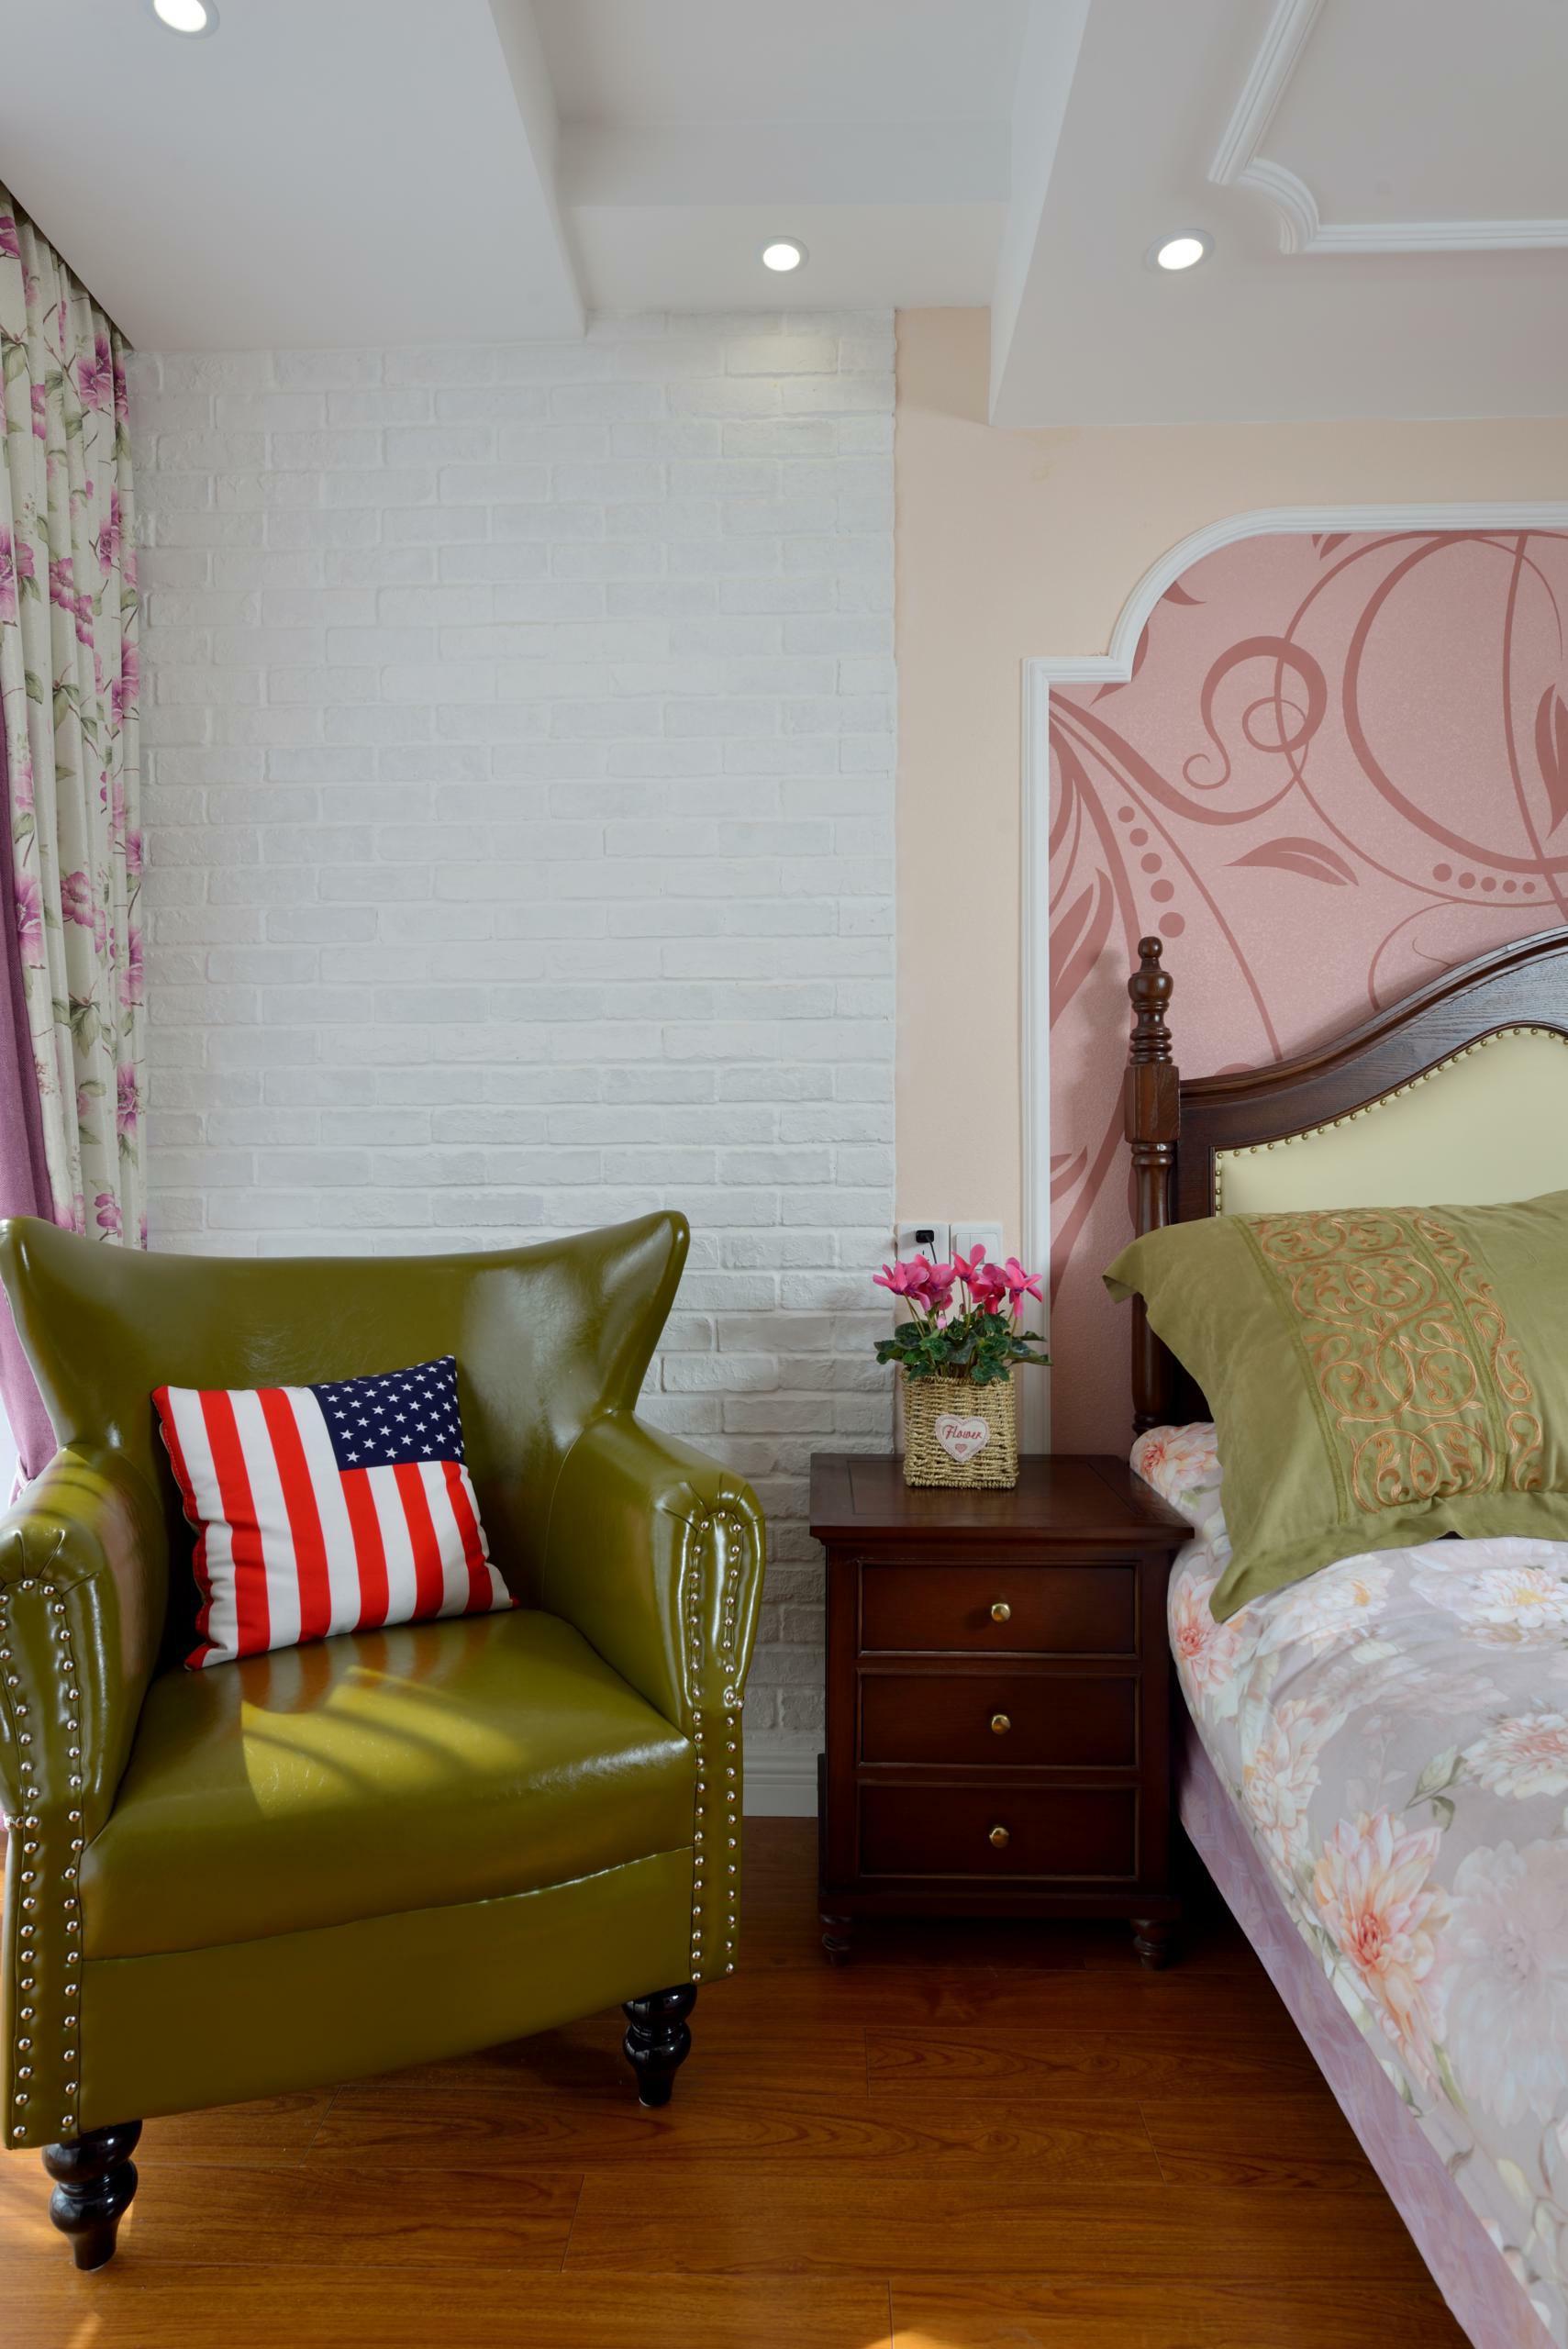 美式四房装修单人沙发图片